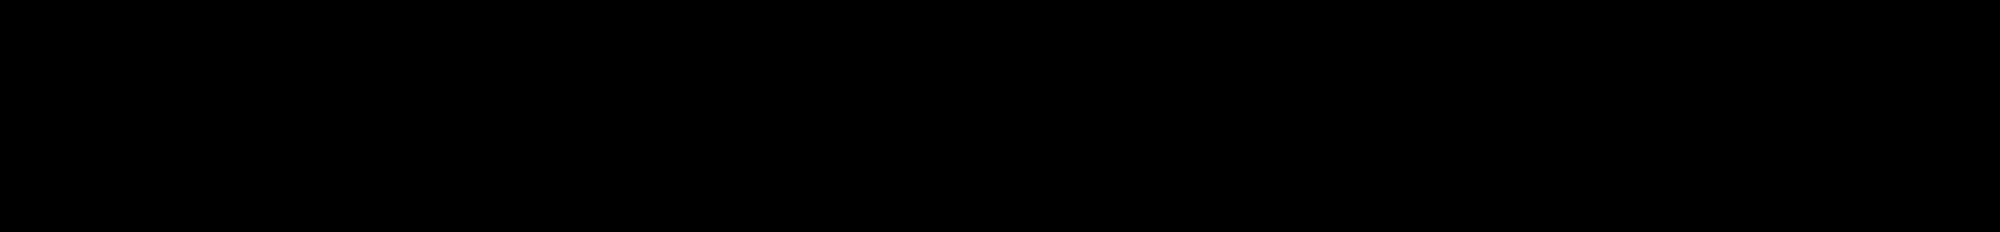 Süddeutsche Zeitung Logo.png